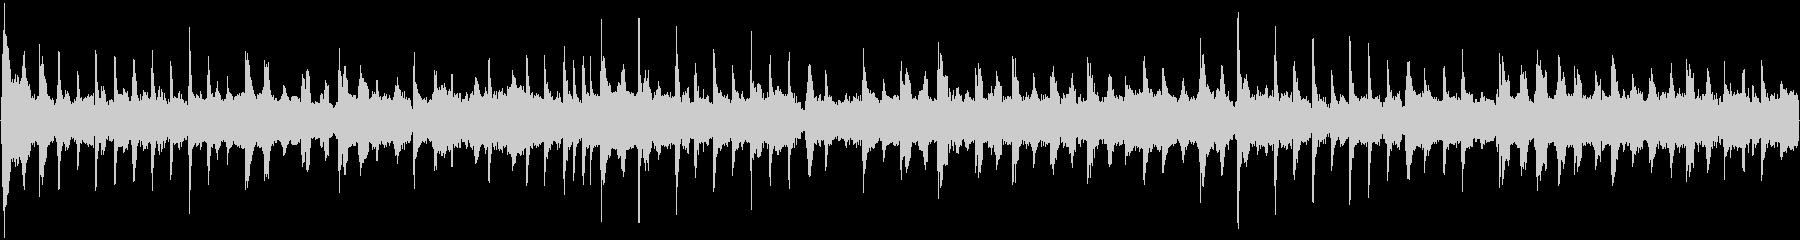 【23秒サビループ】ベルと笛の華麗ポップの未再生の波形